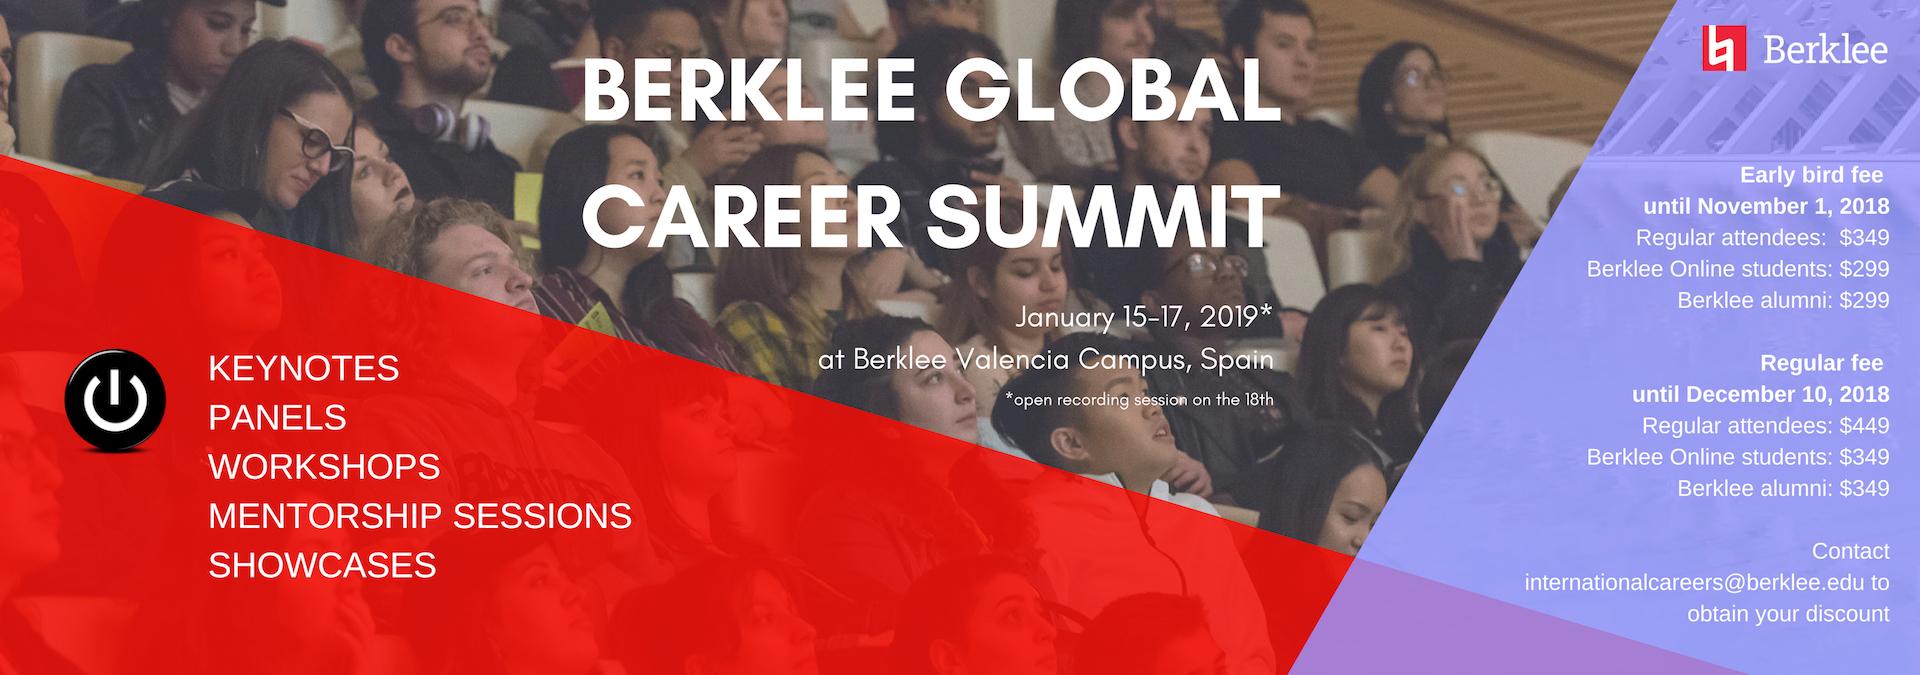 Berklee Global Career Summit 2019